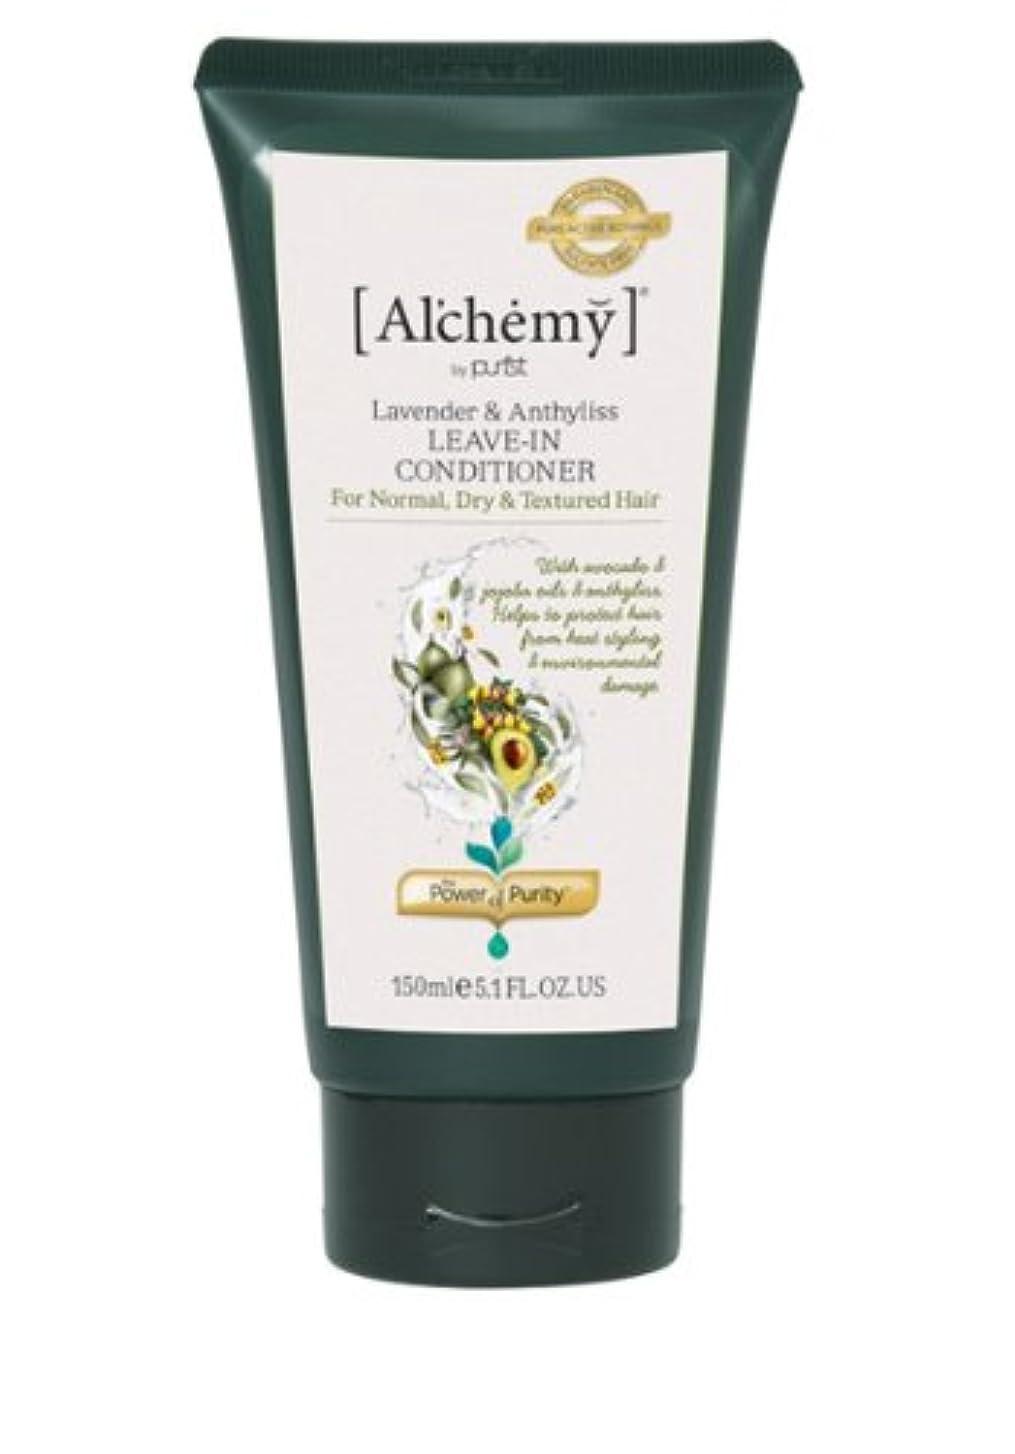 保険柱命令的【Al'chemy(alchemy)】24H集中ケアトリートメント※洗い流さないタイプ(Lavender & Anthyllis Leave-In Conditioner)150ml